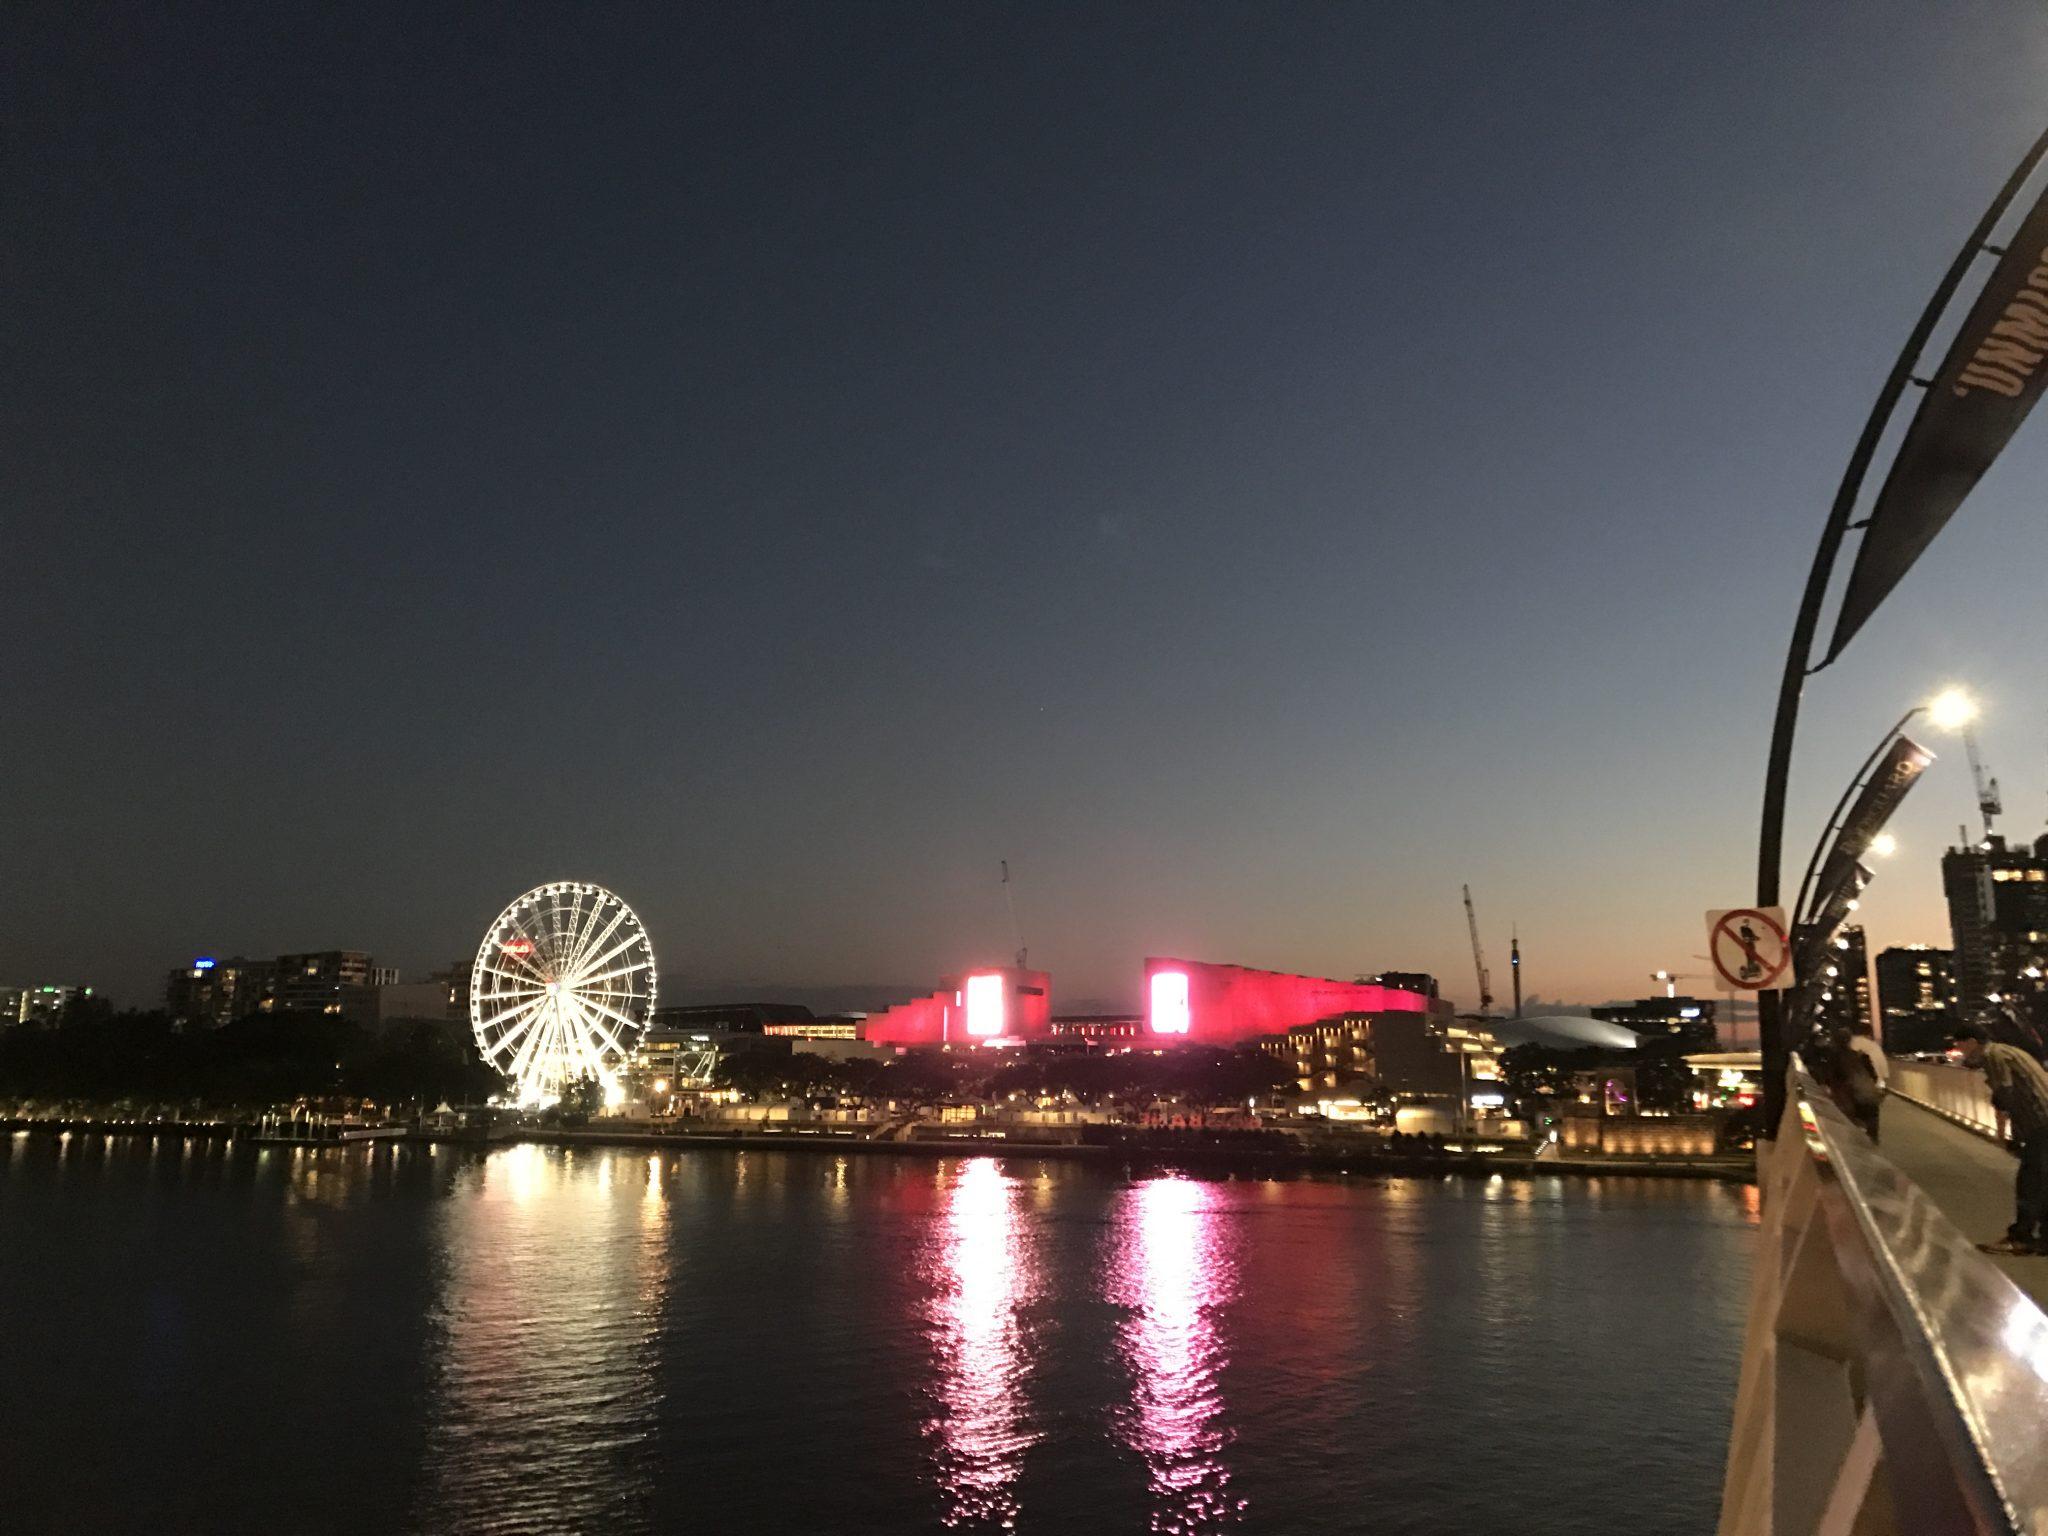 澳洲布里斯班五天四游攻略布里斯班南岸夜景Brisbane Southbank Nightview